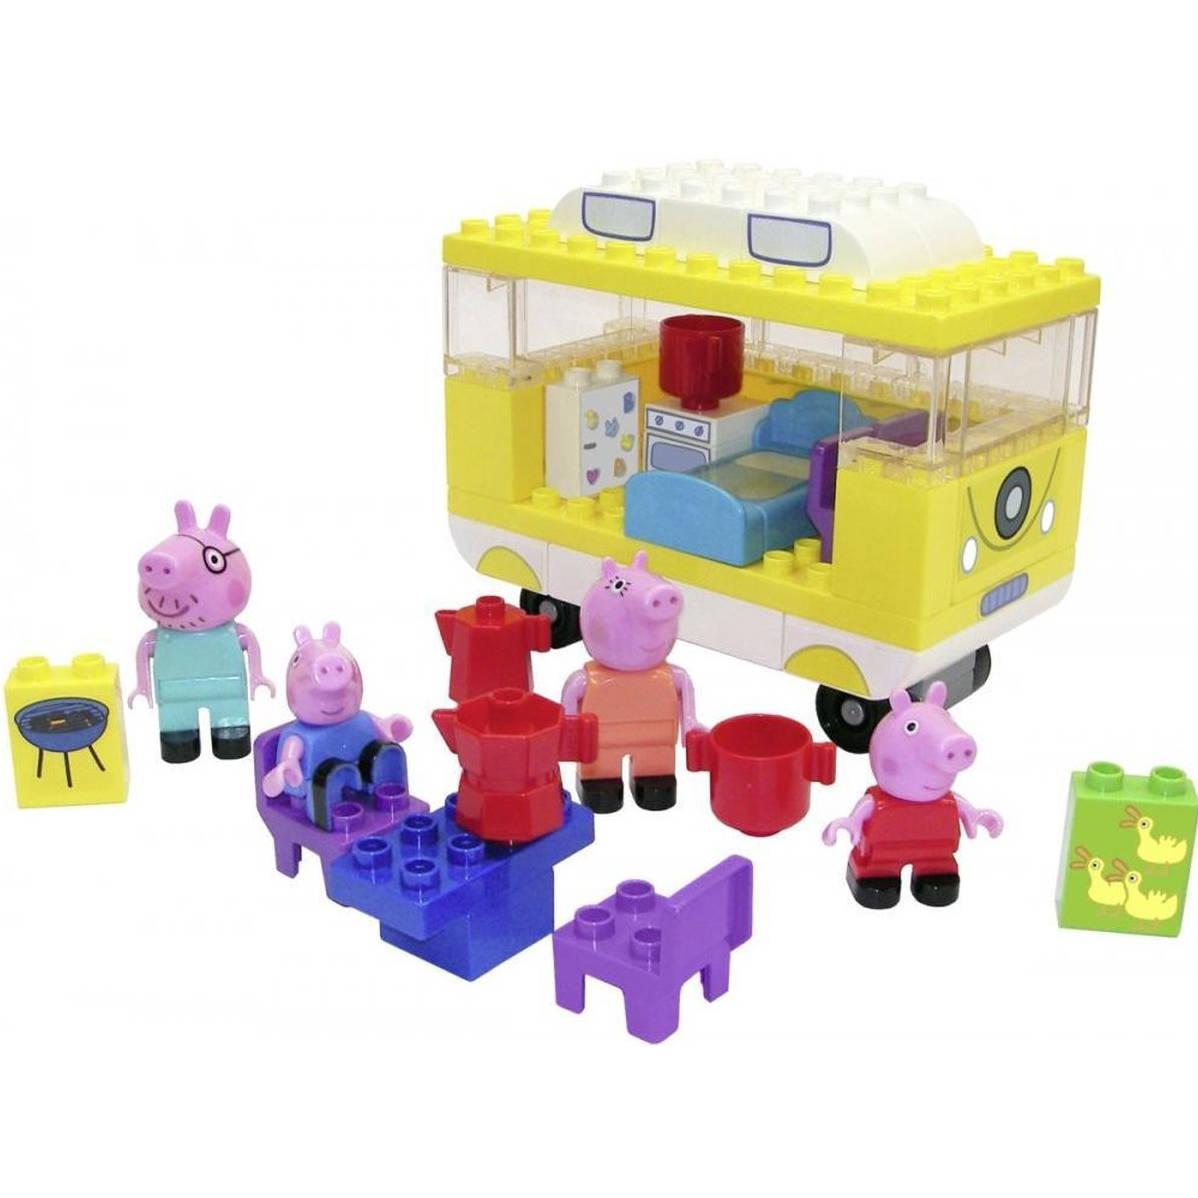 PlayBig BLOXX przyczepa Peppa Pig z akcesoriami